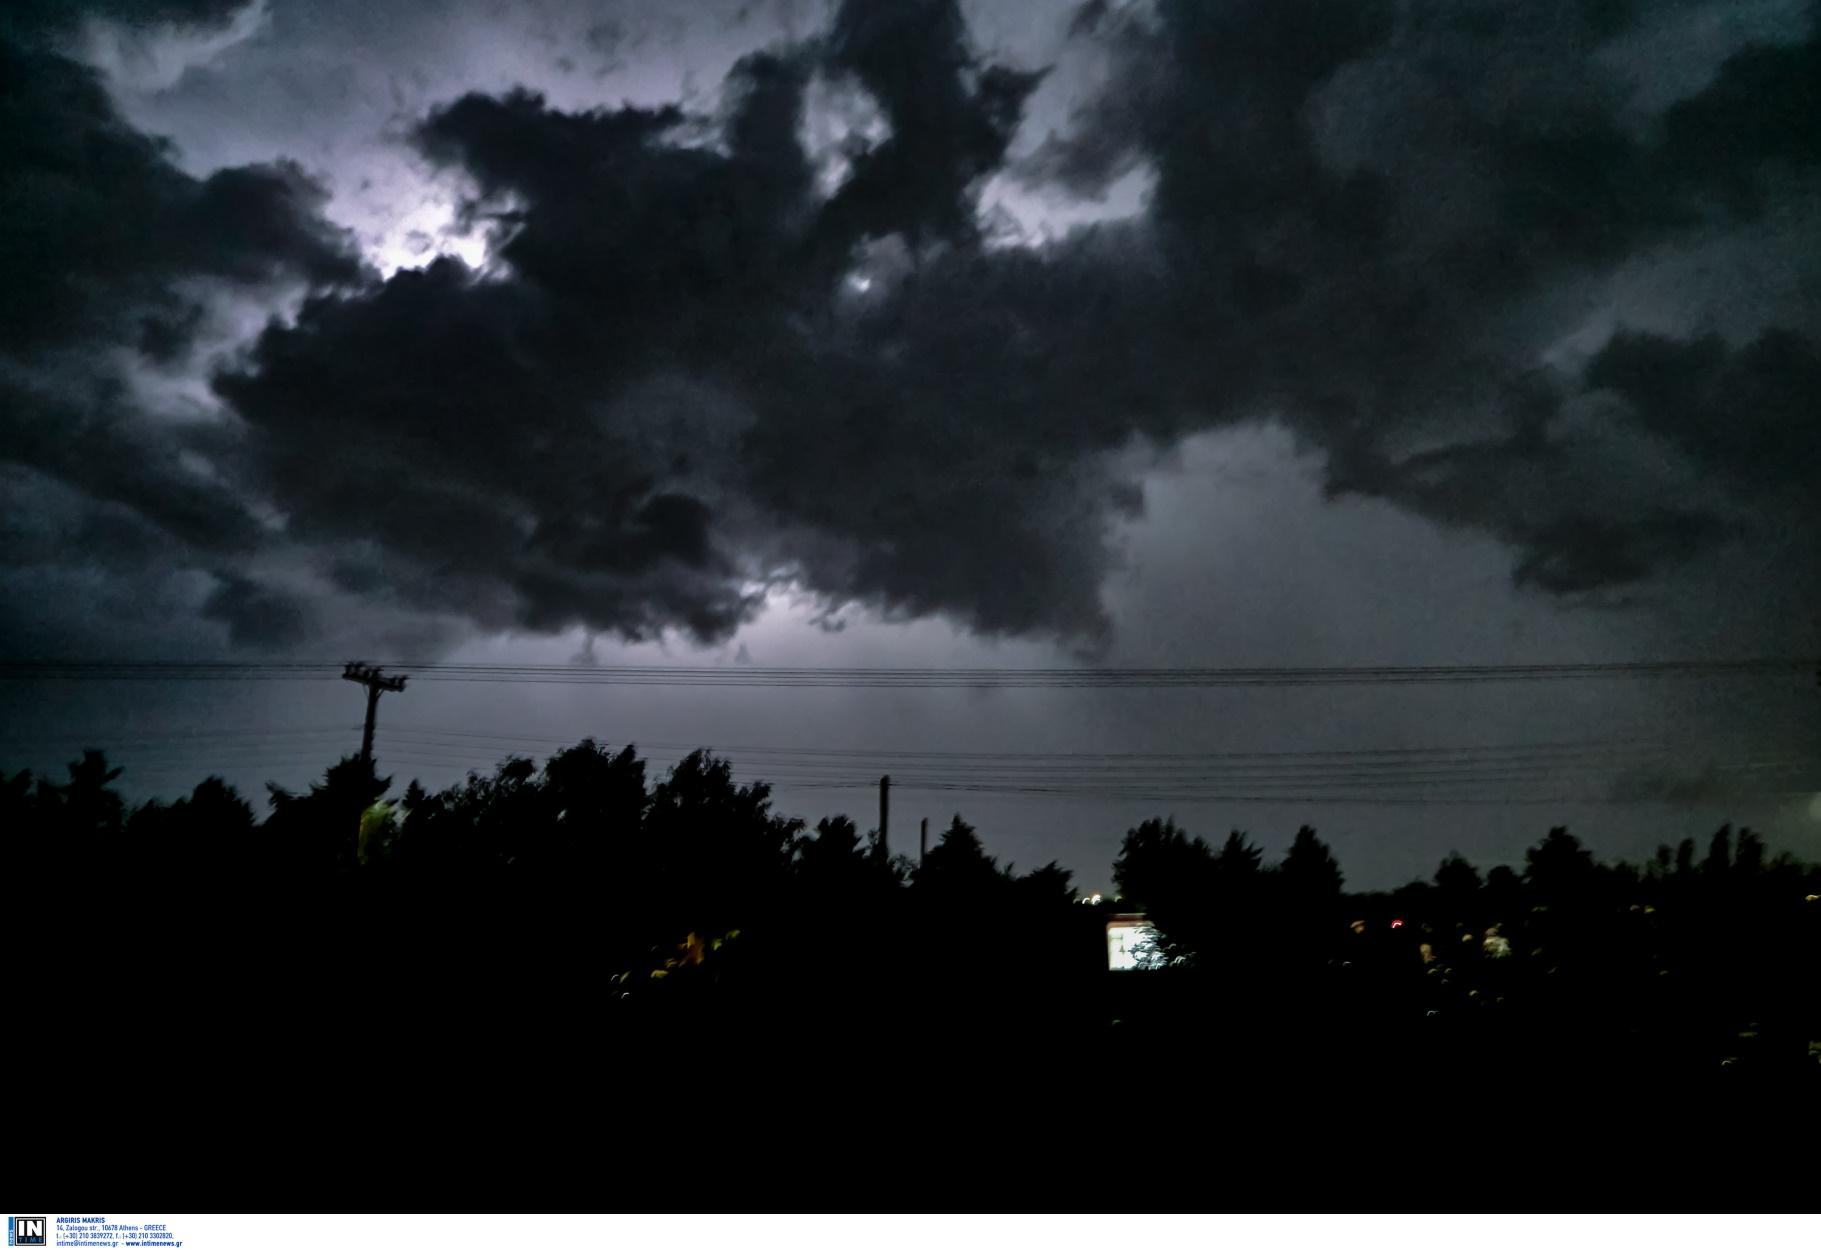 Καιρός αύριο: Ισχυρές καταιγίδες και πτώση της θερμοκρασίας